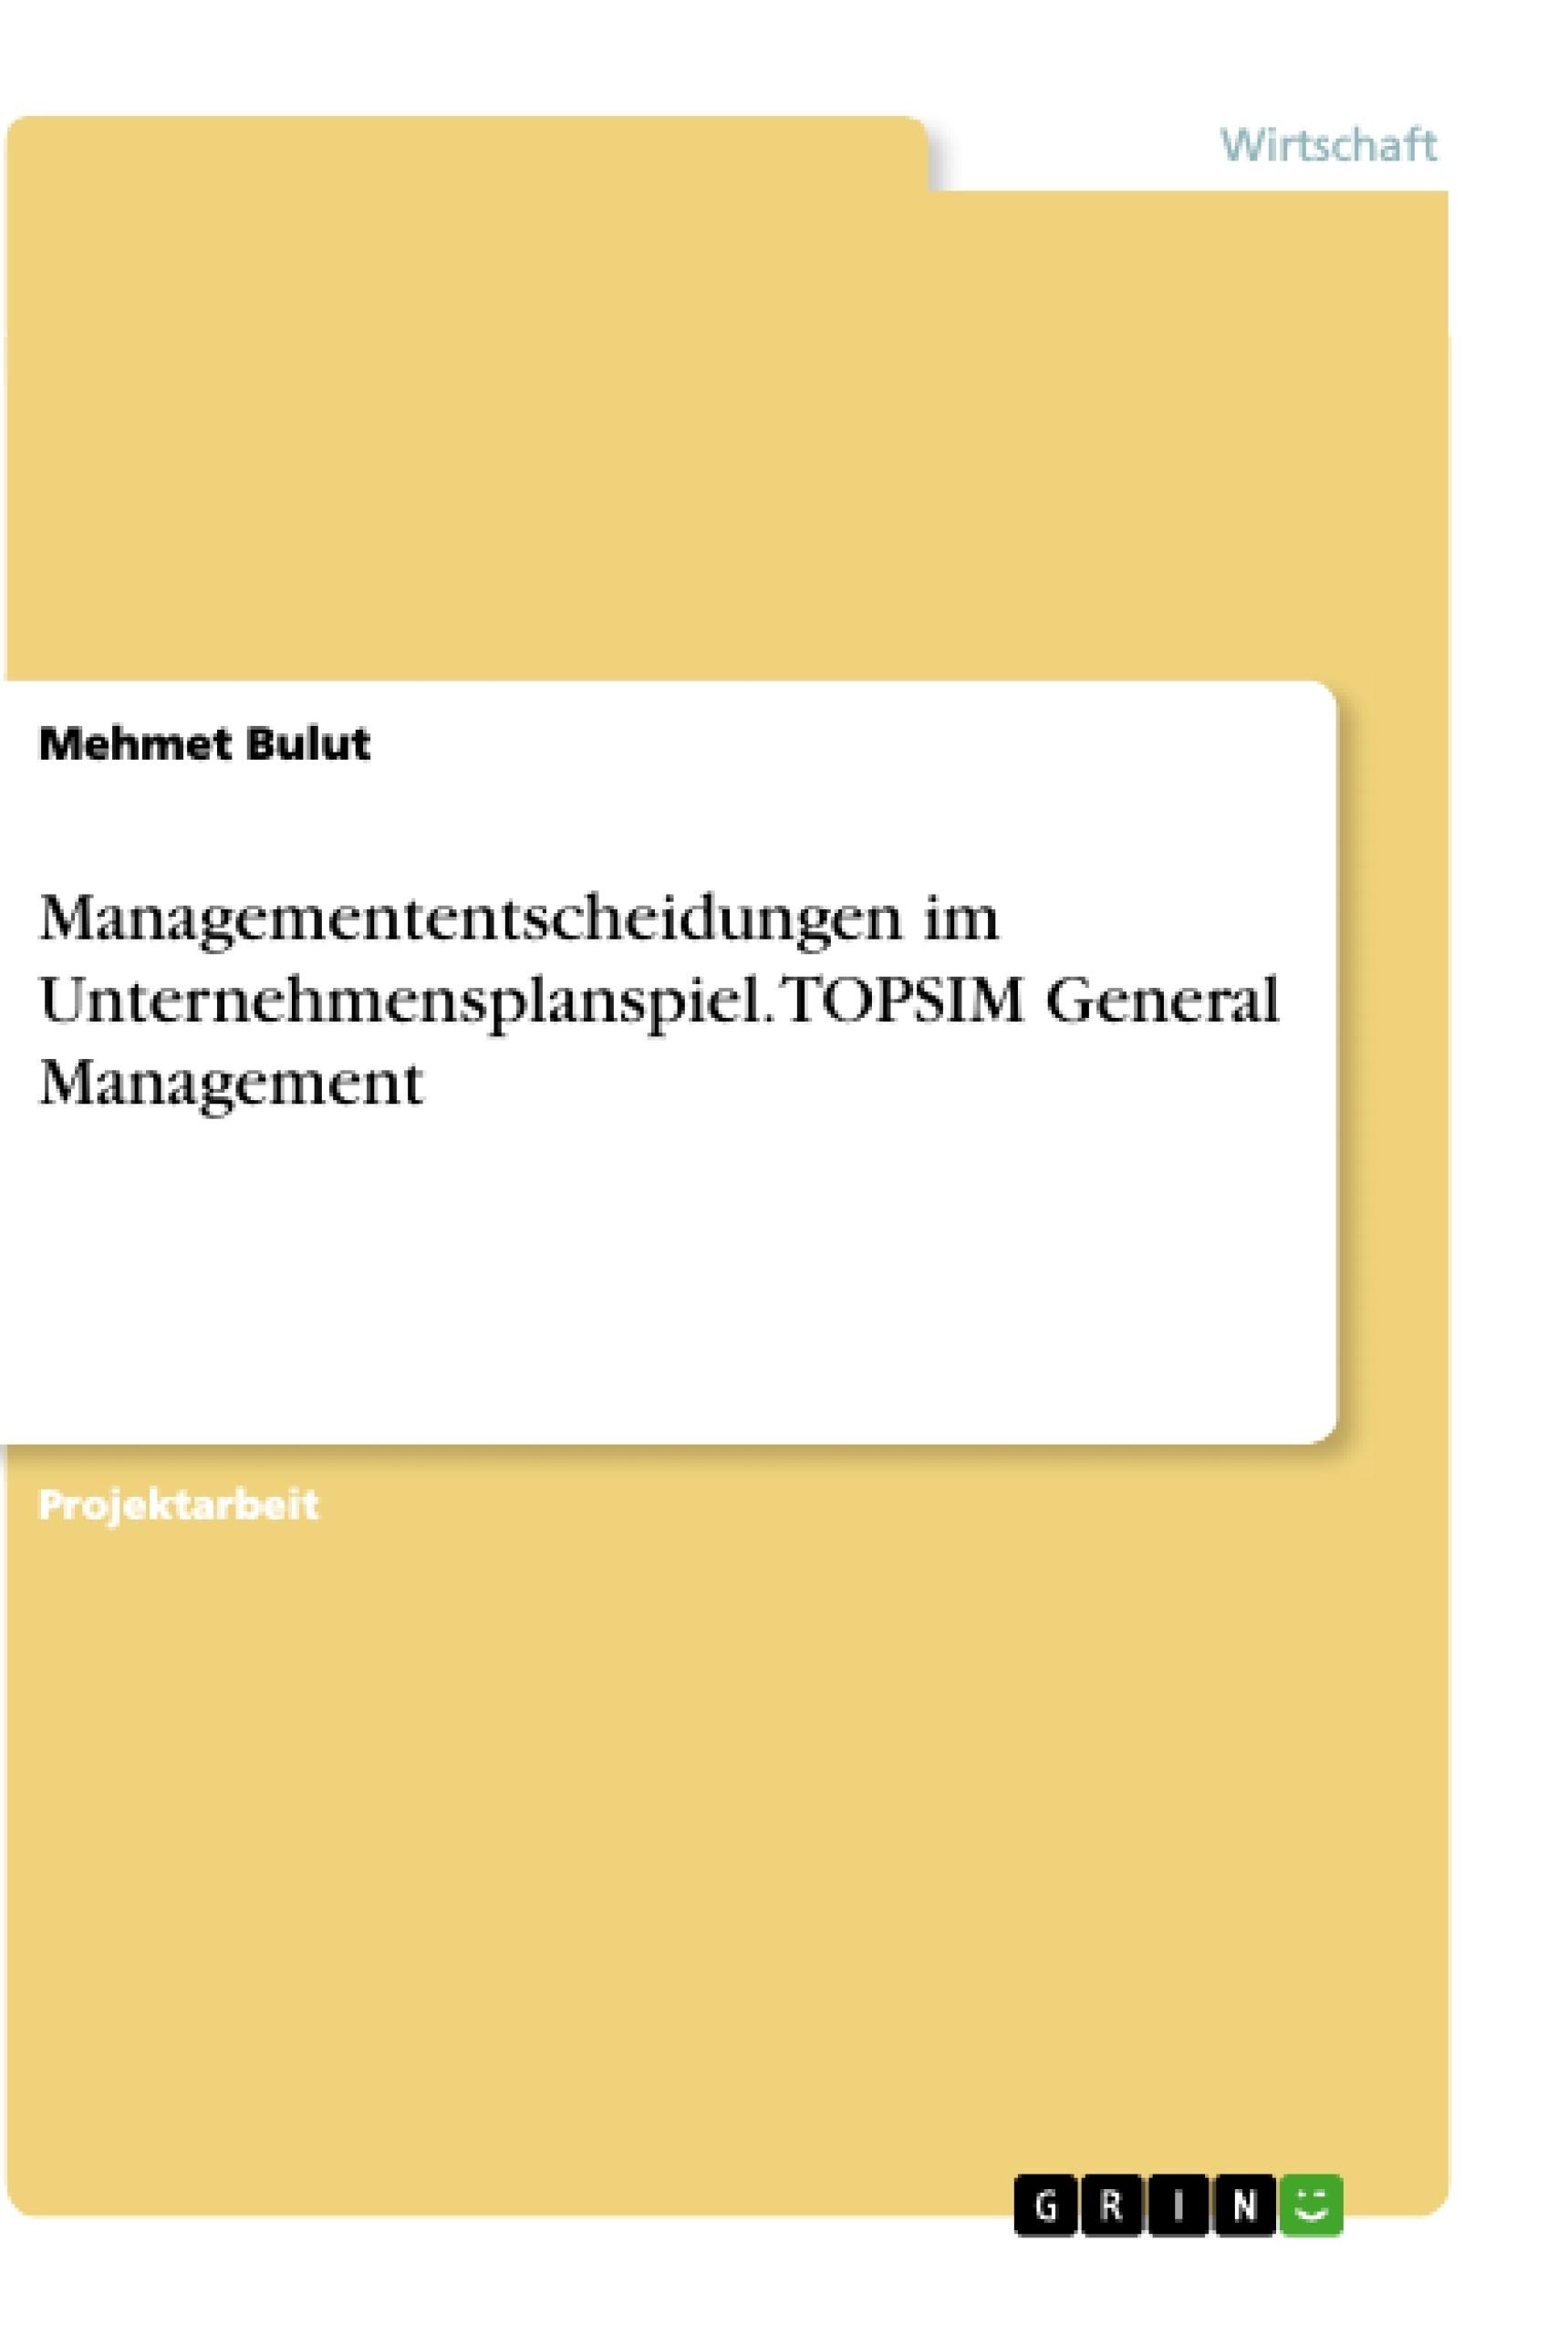 Titel: Managemententscheidungen im Unternehmensplanspiel. TOPSIM General Management